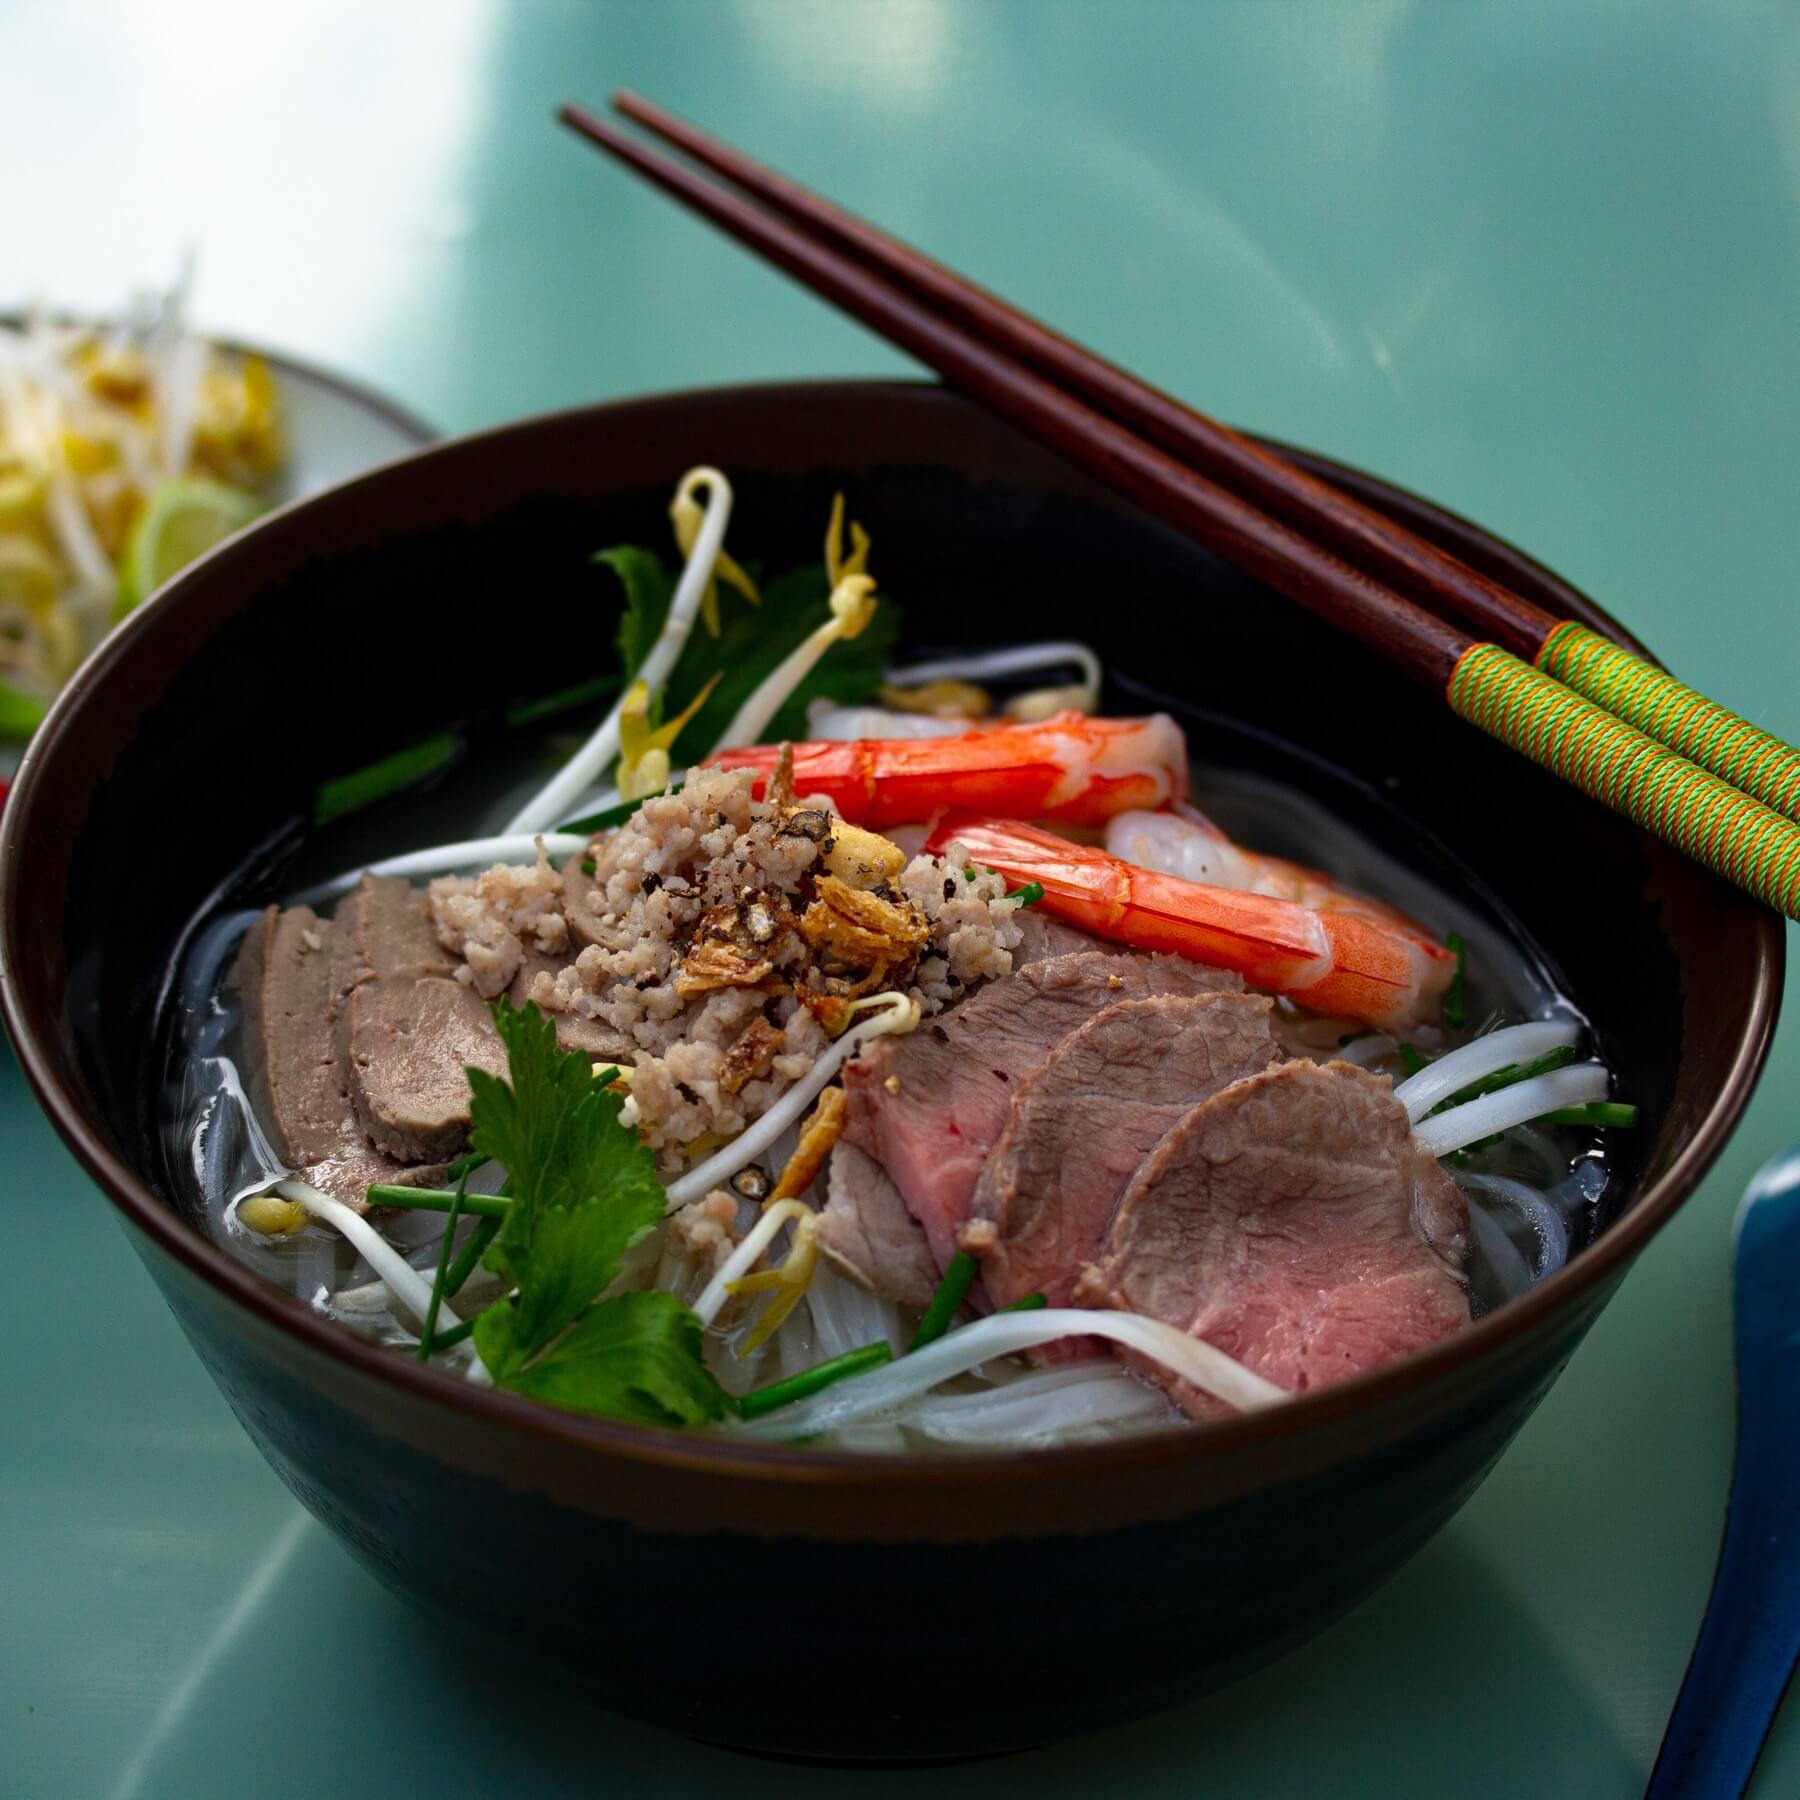 Nudelsuppe mit Shrimps und Schweinefleisch - Hu Tieu